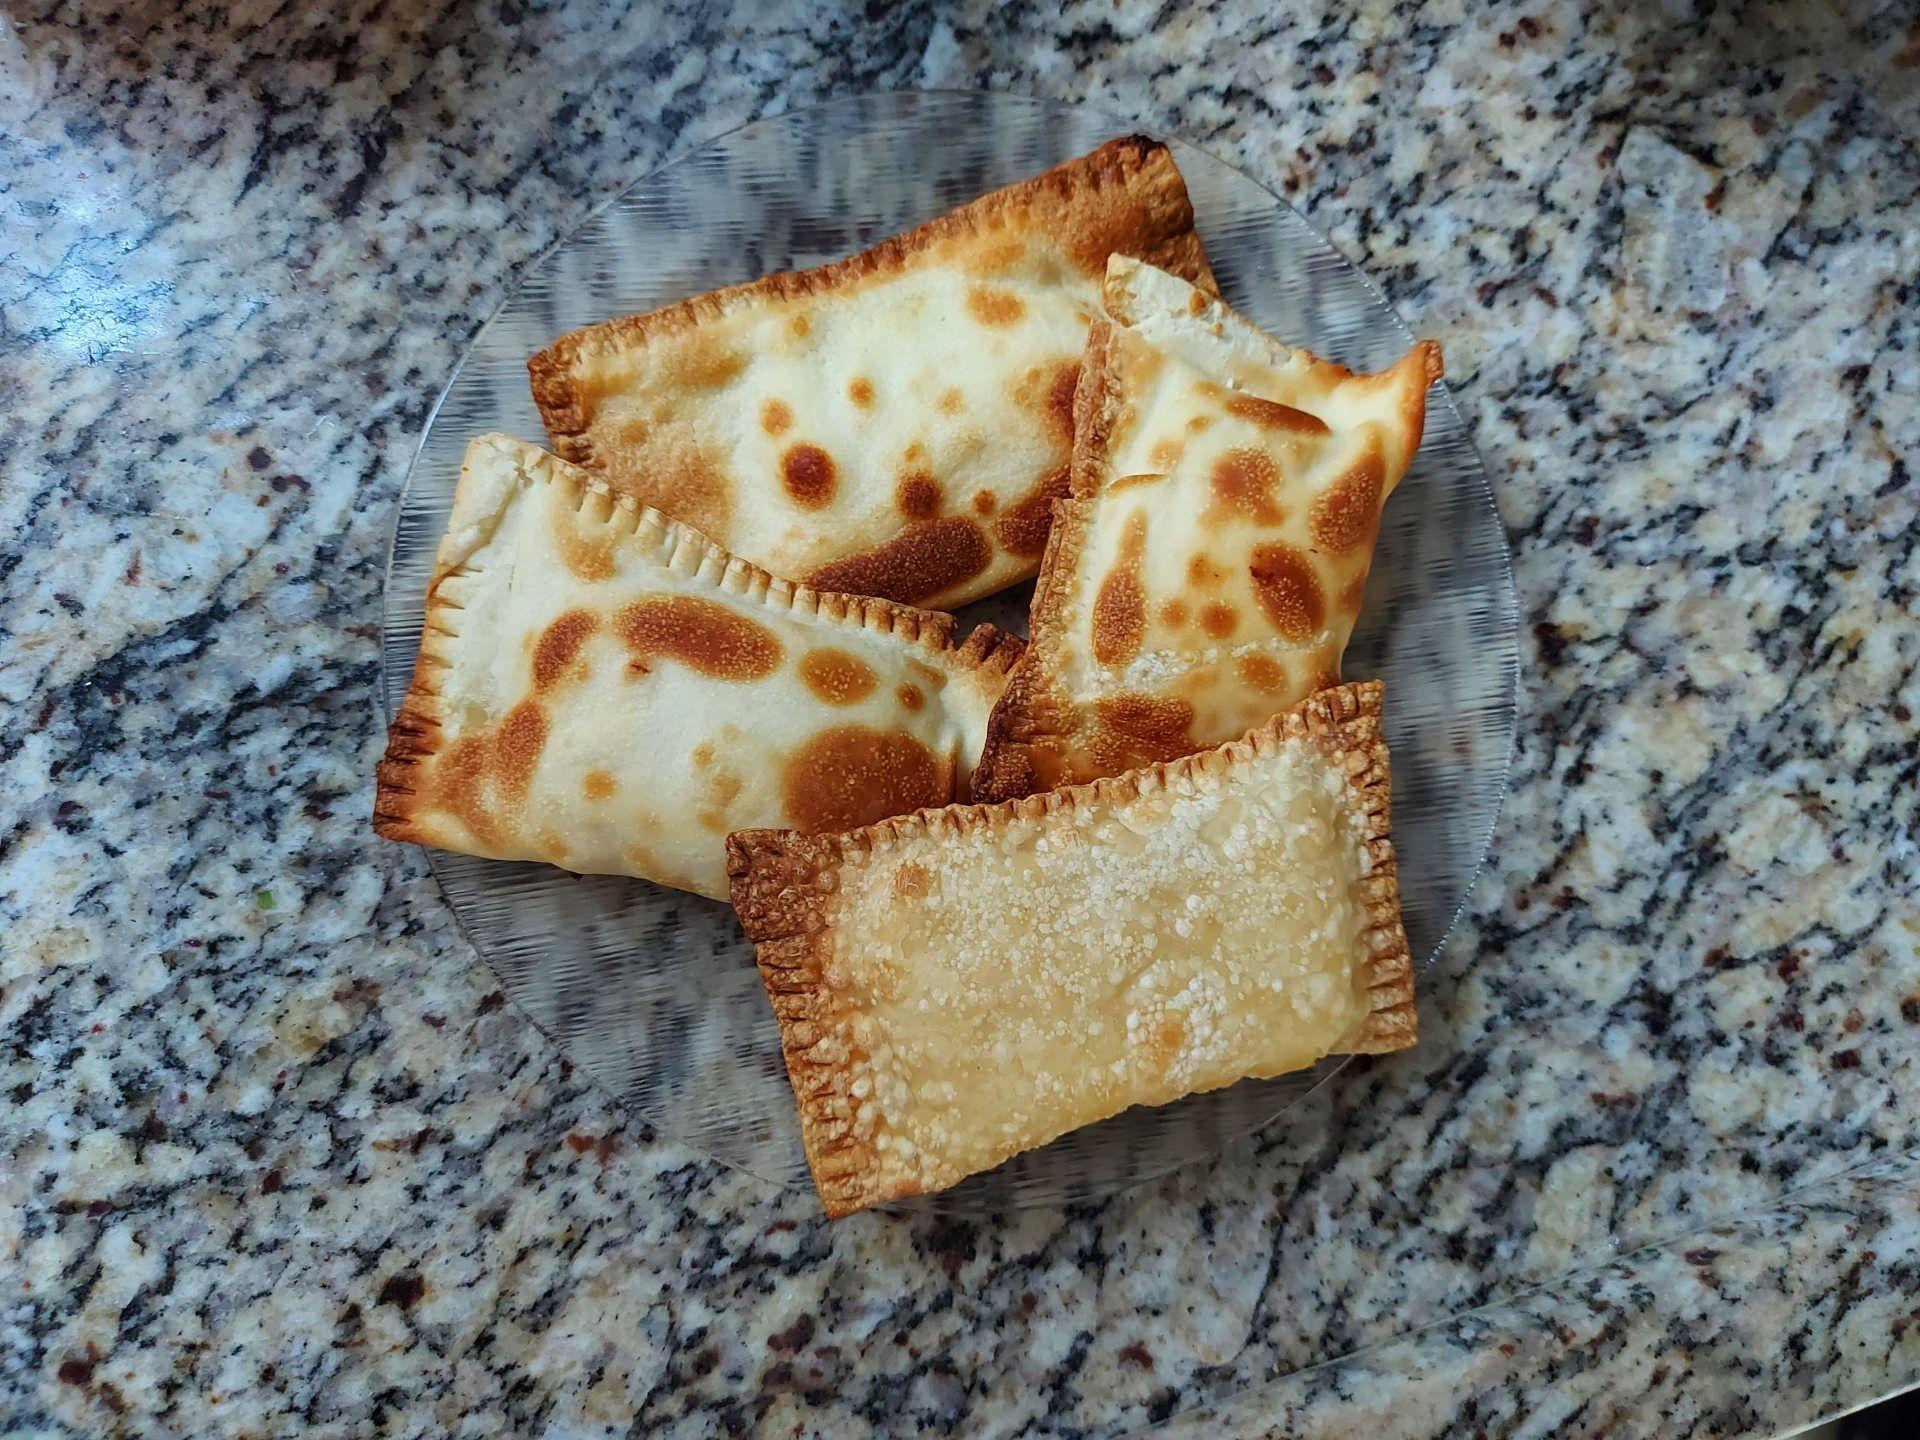 Os pasteis preparados na airfryer Mondial Grand Family Inox ficam mais sequinhos do que o normal (Foto: Ariel Cristina Borges)